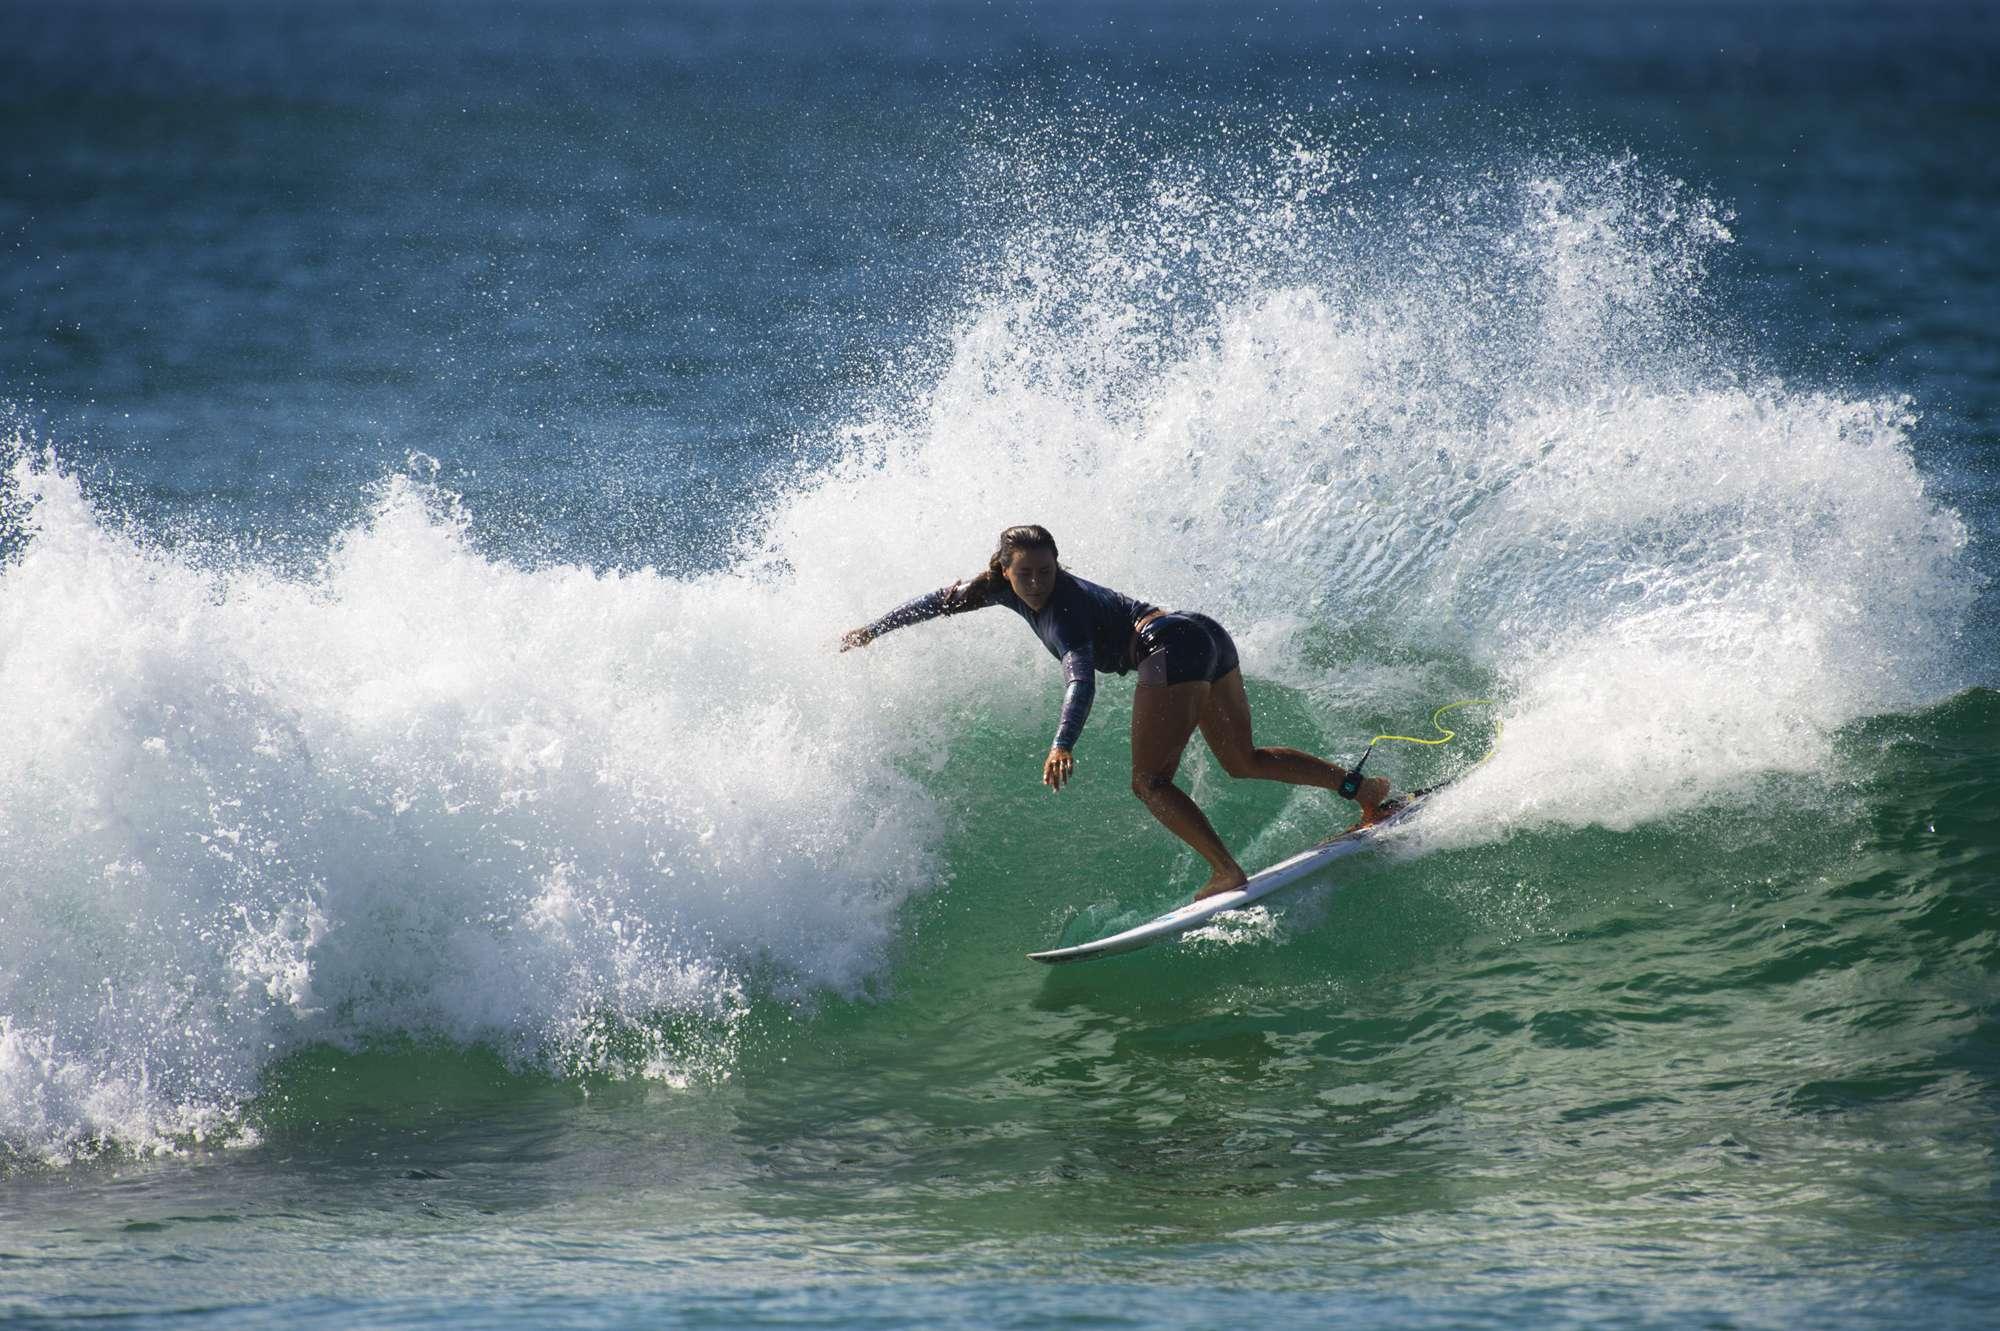 ジョアン・ディフェィ Photo: French Surfing Federation / Justes